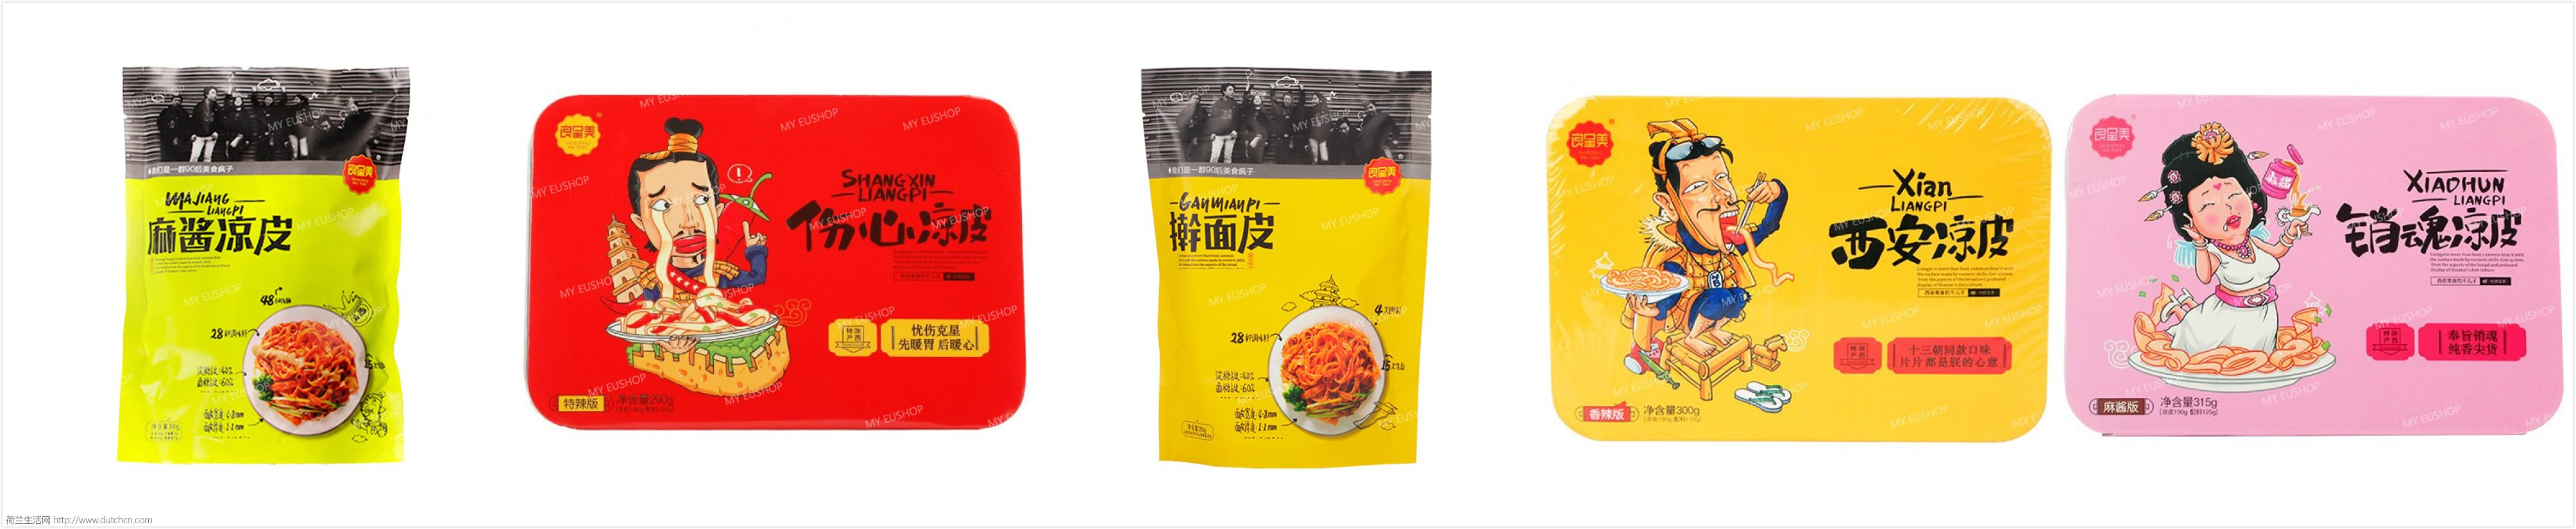 重磅推荐!荷兰买不到的中国爆款零食,无金额限制,全荷包邮送货!